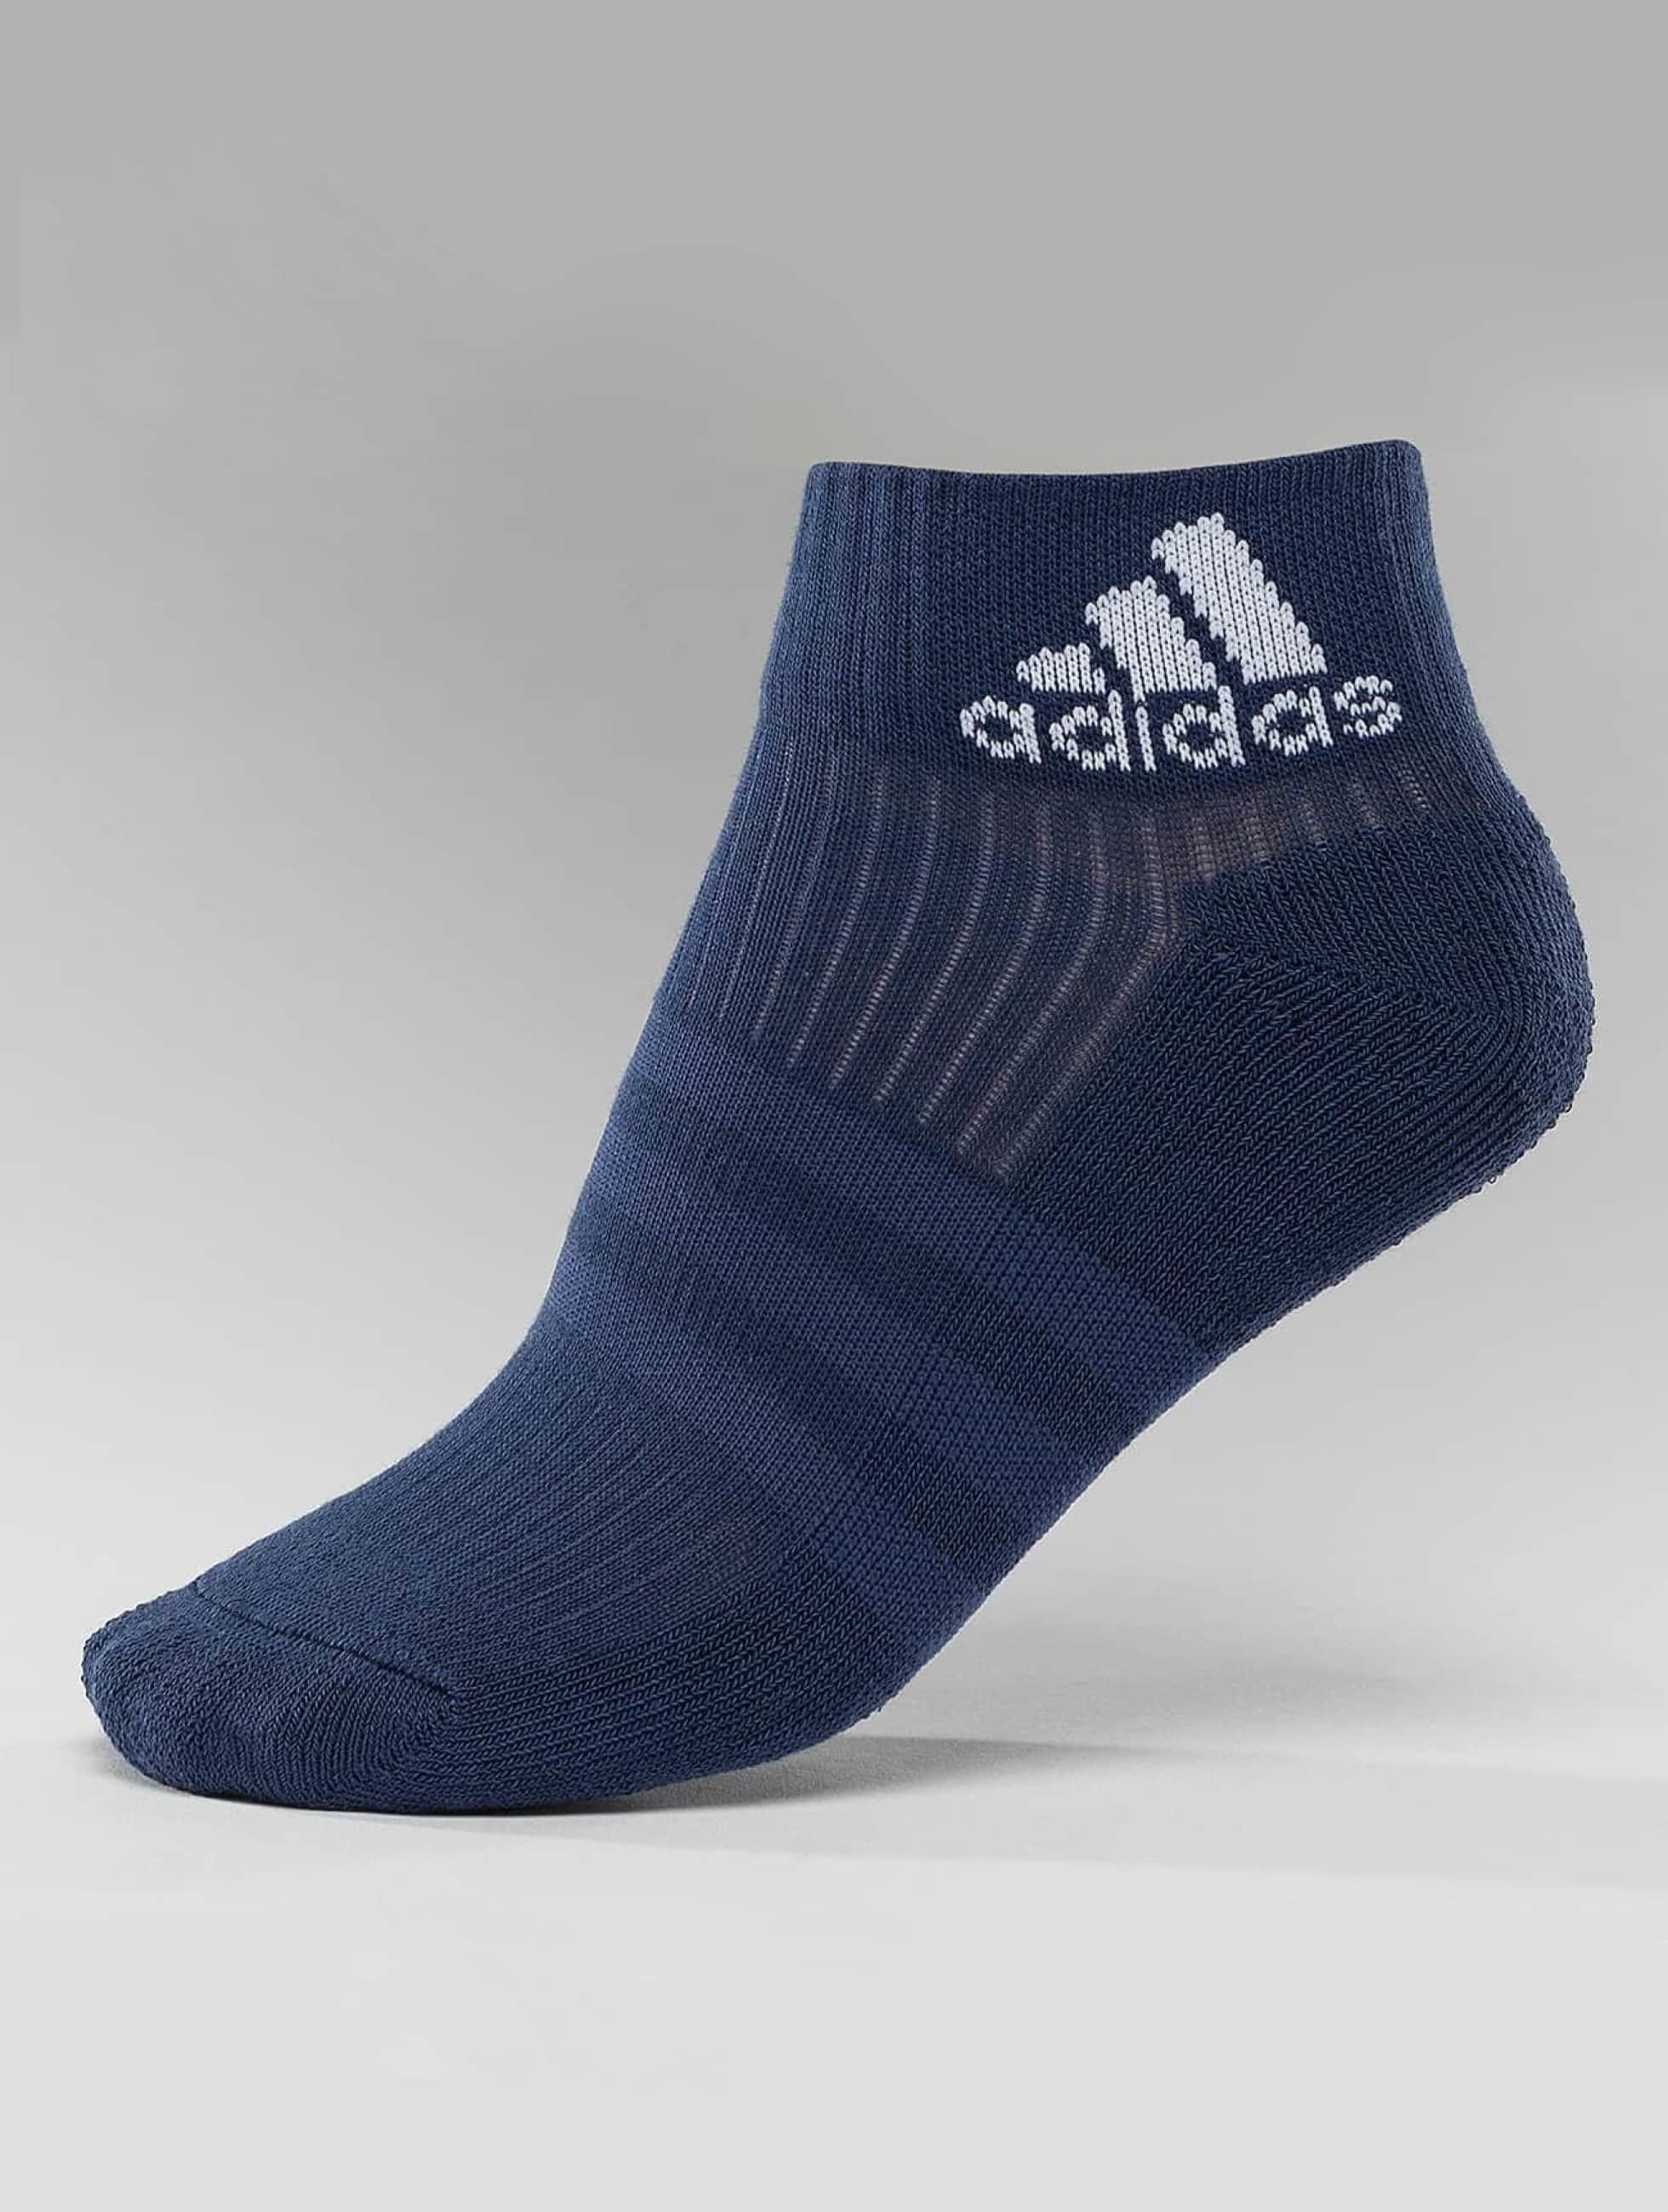 adidas originals Strømper 3-Stripes Per An HC 3-Pairs blå